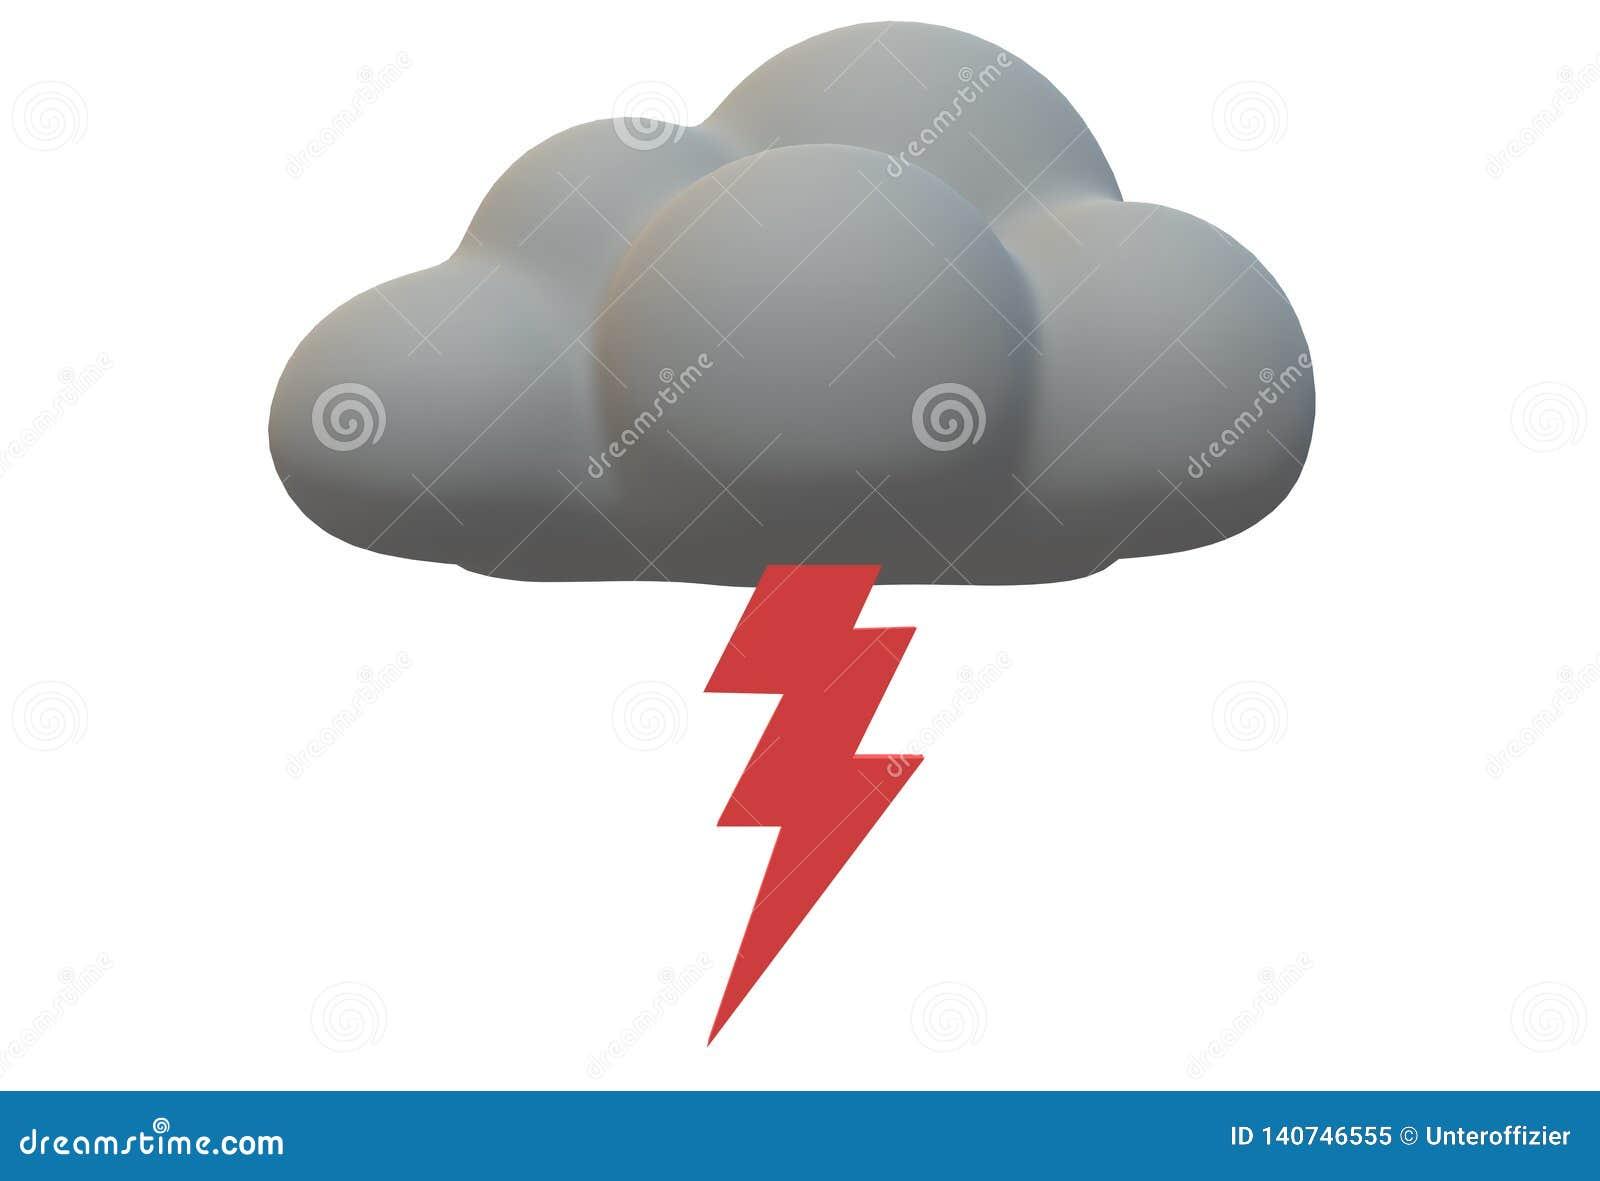 Яркий красный символ удара молнии растя из темного серого облака